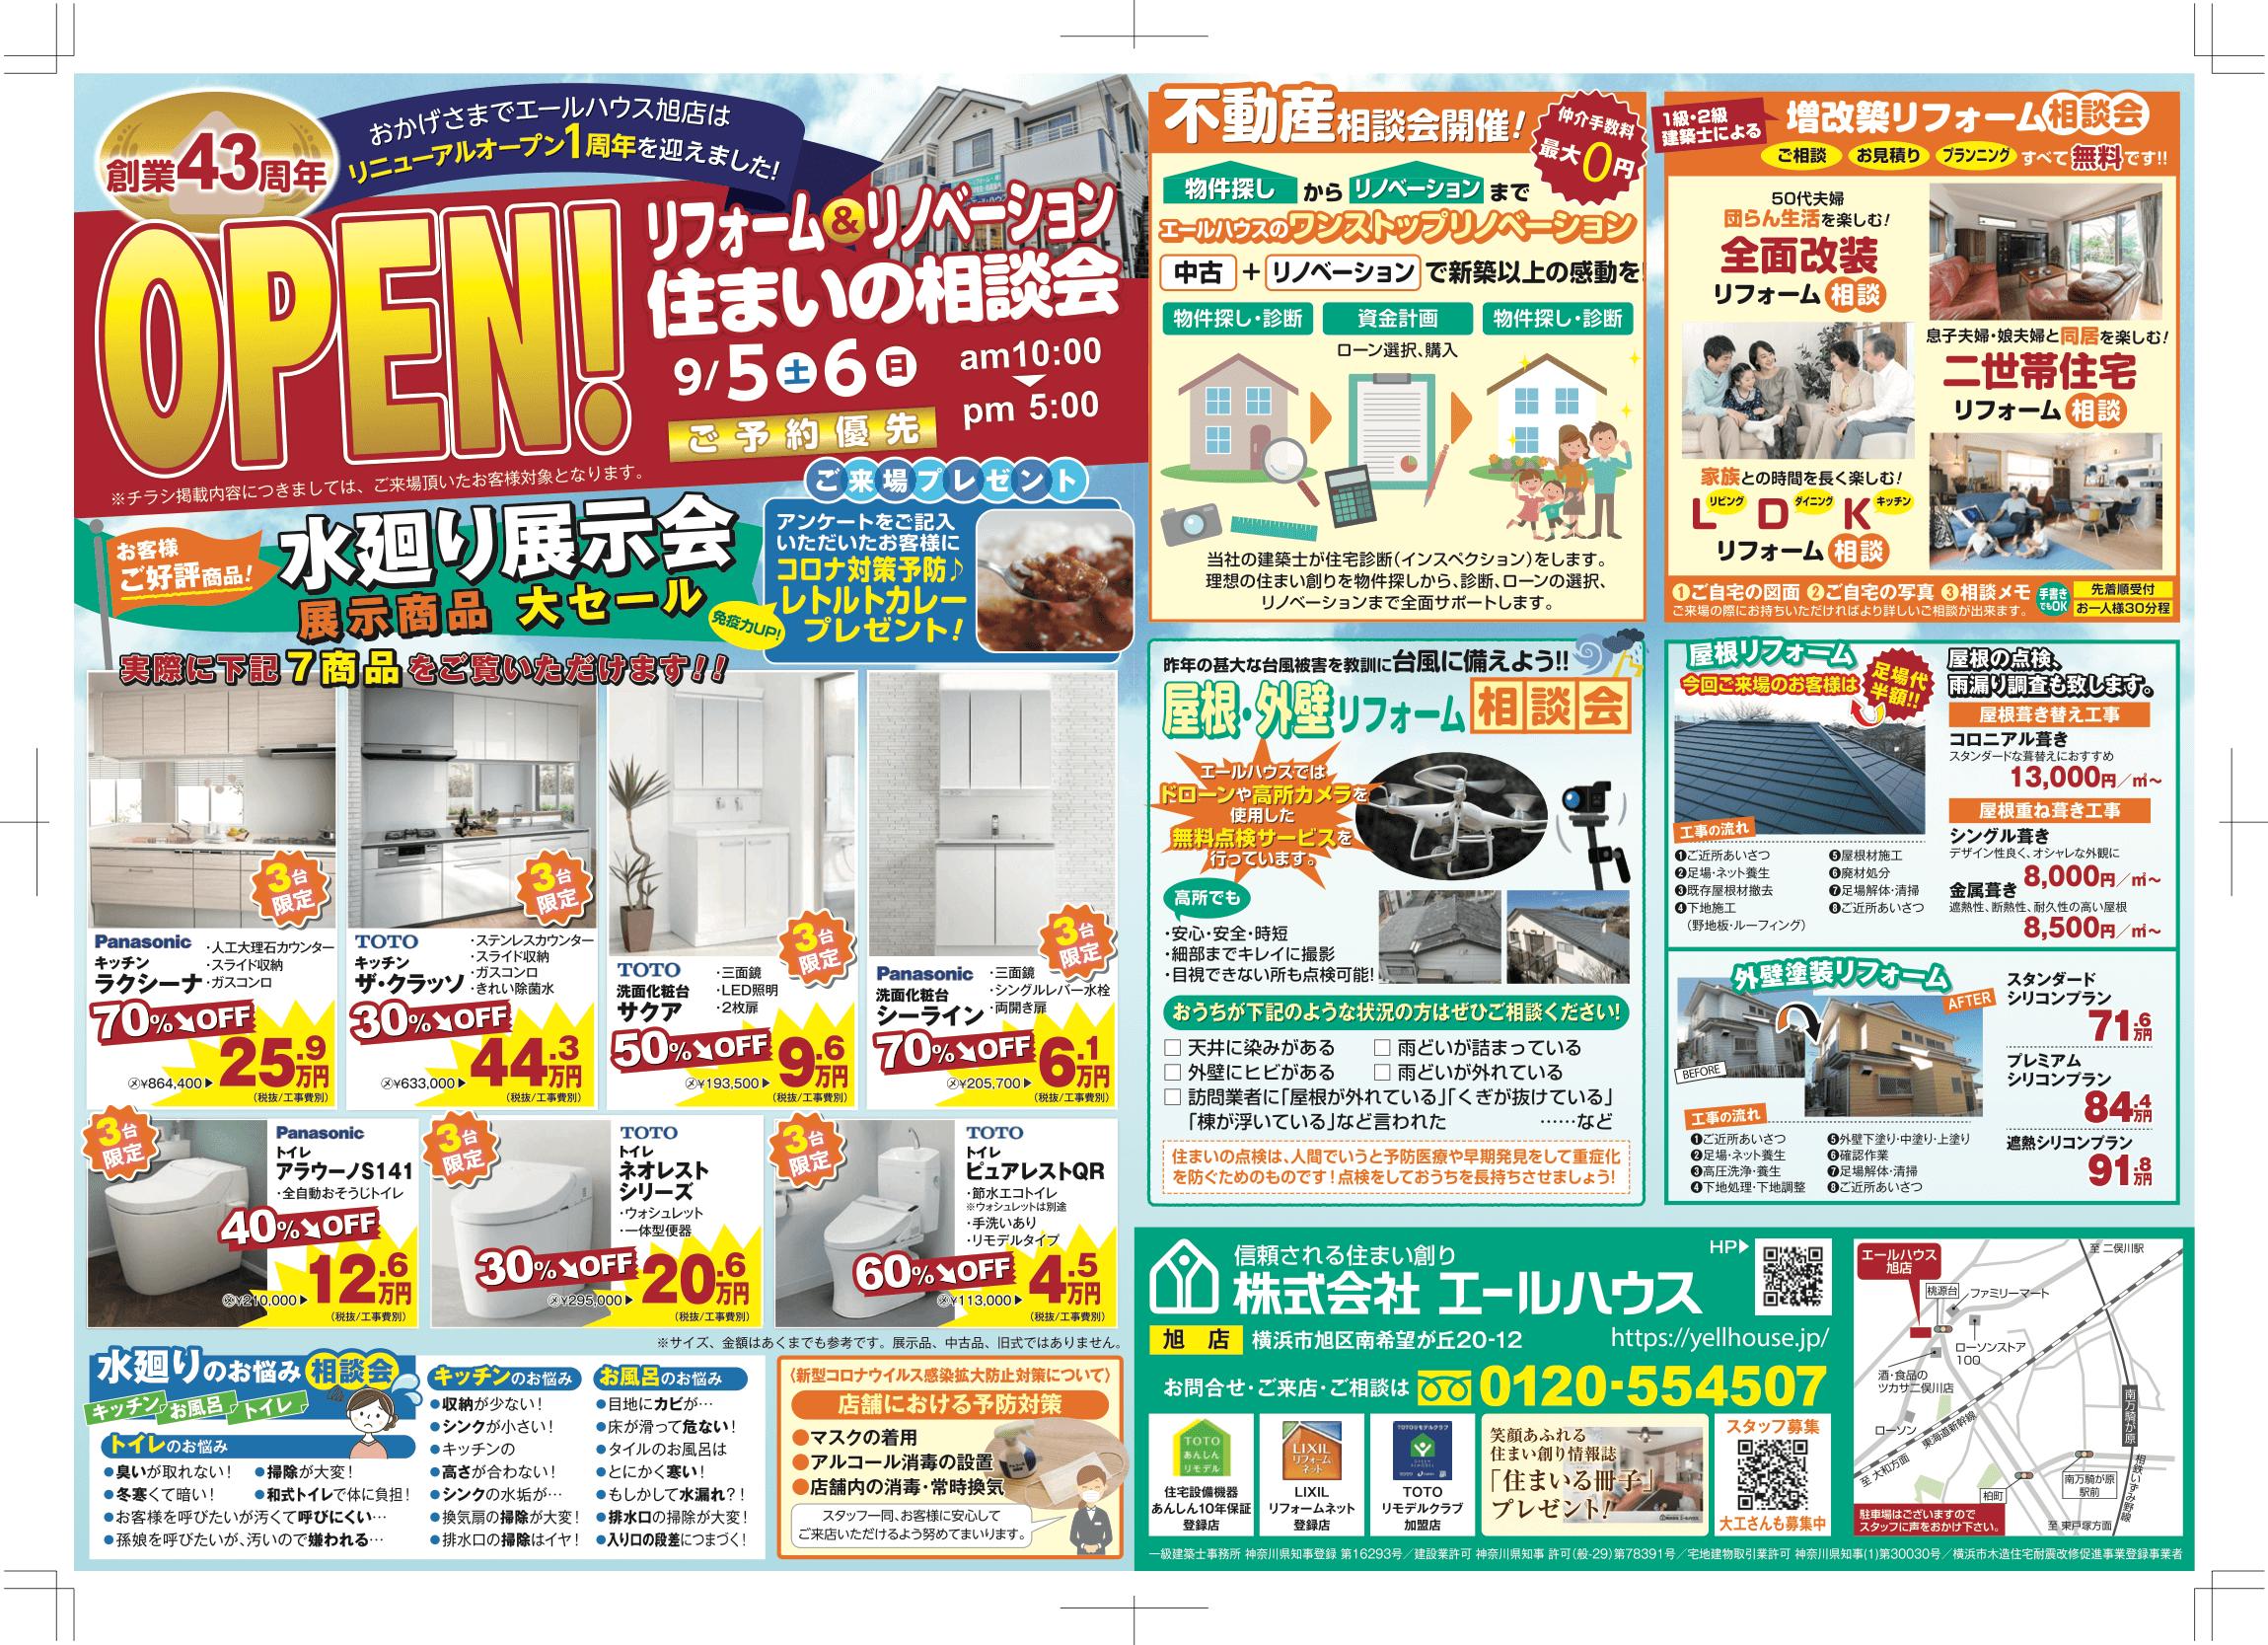 9/5(土)・9/6(日) 旭店・藤沢店・湘南店 イベント同時開催!